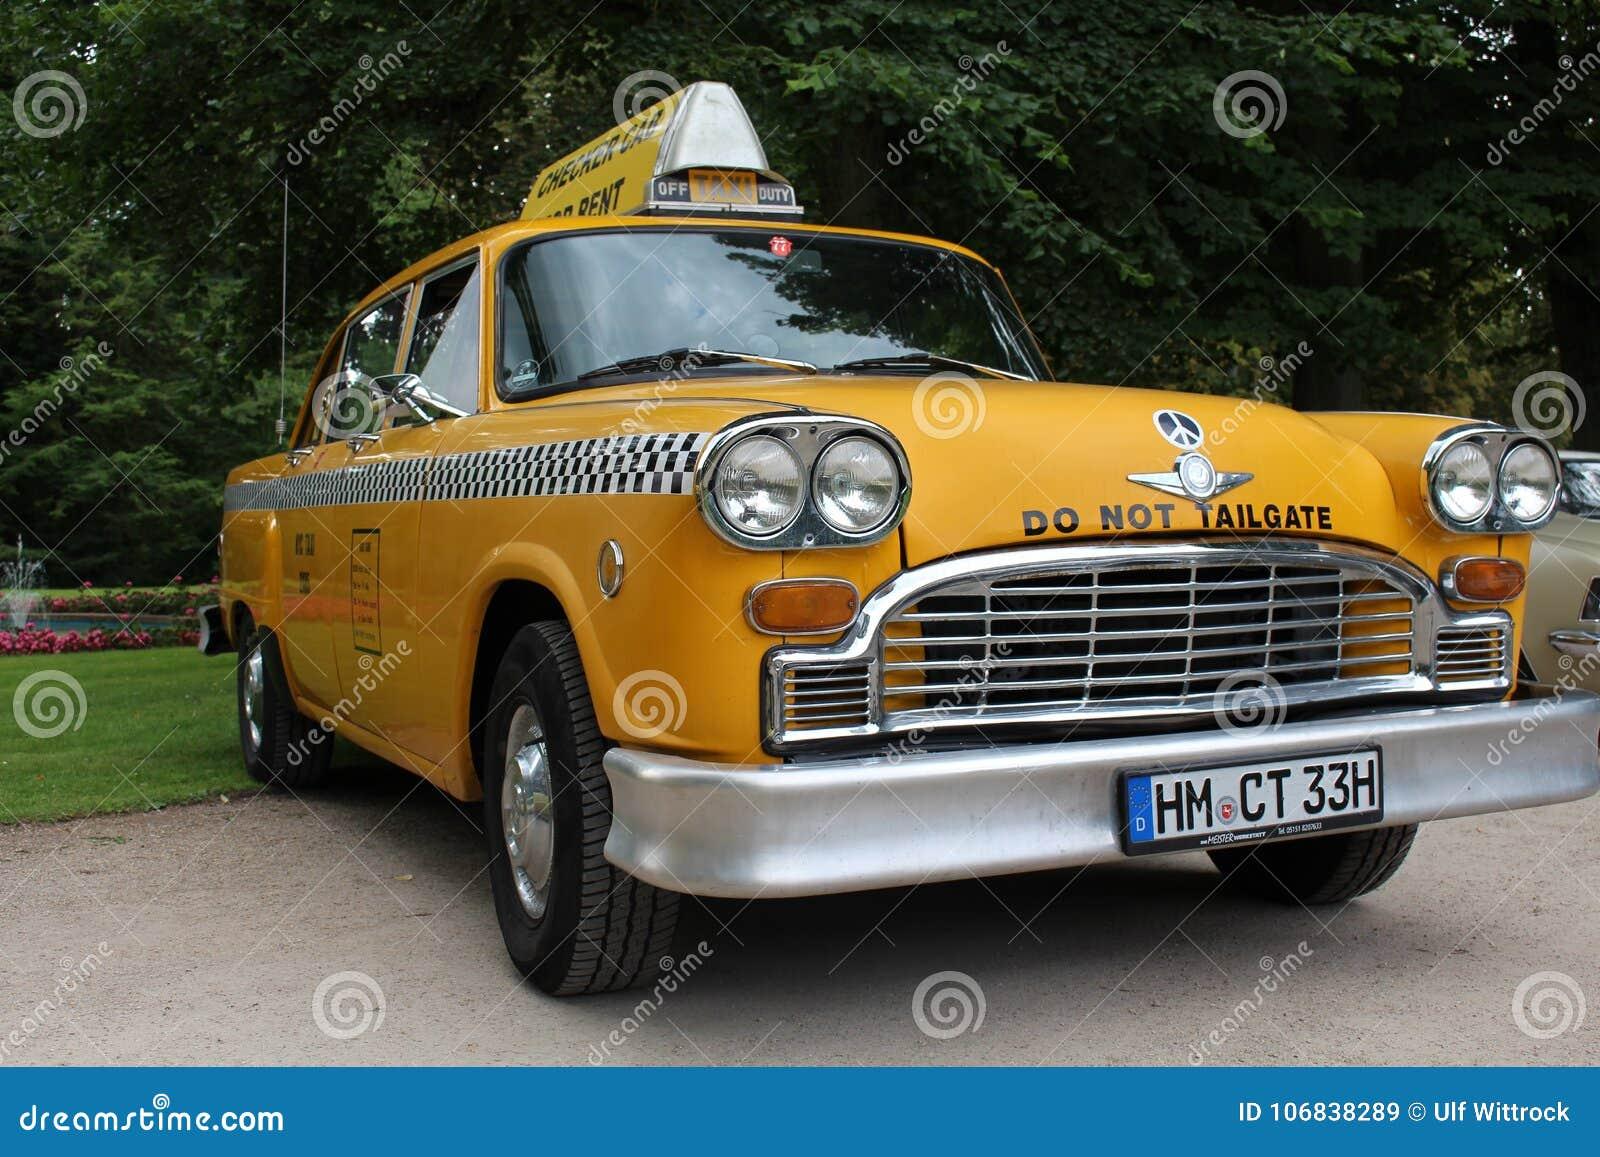 image-vintage-american-taxi-headlight-ab